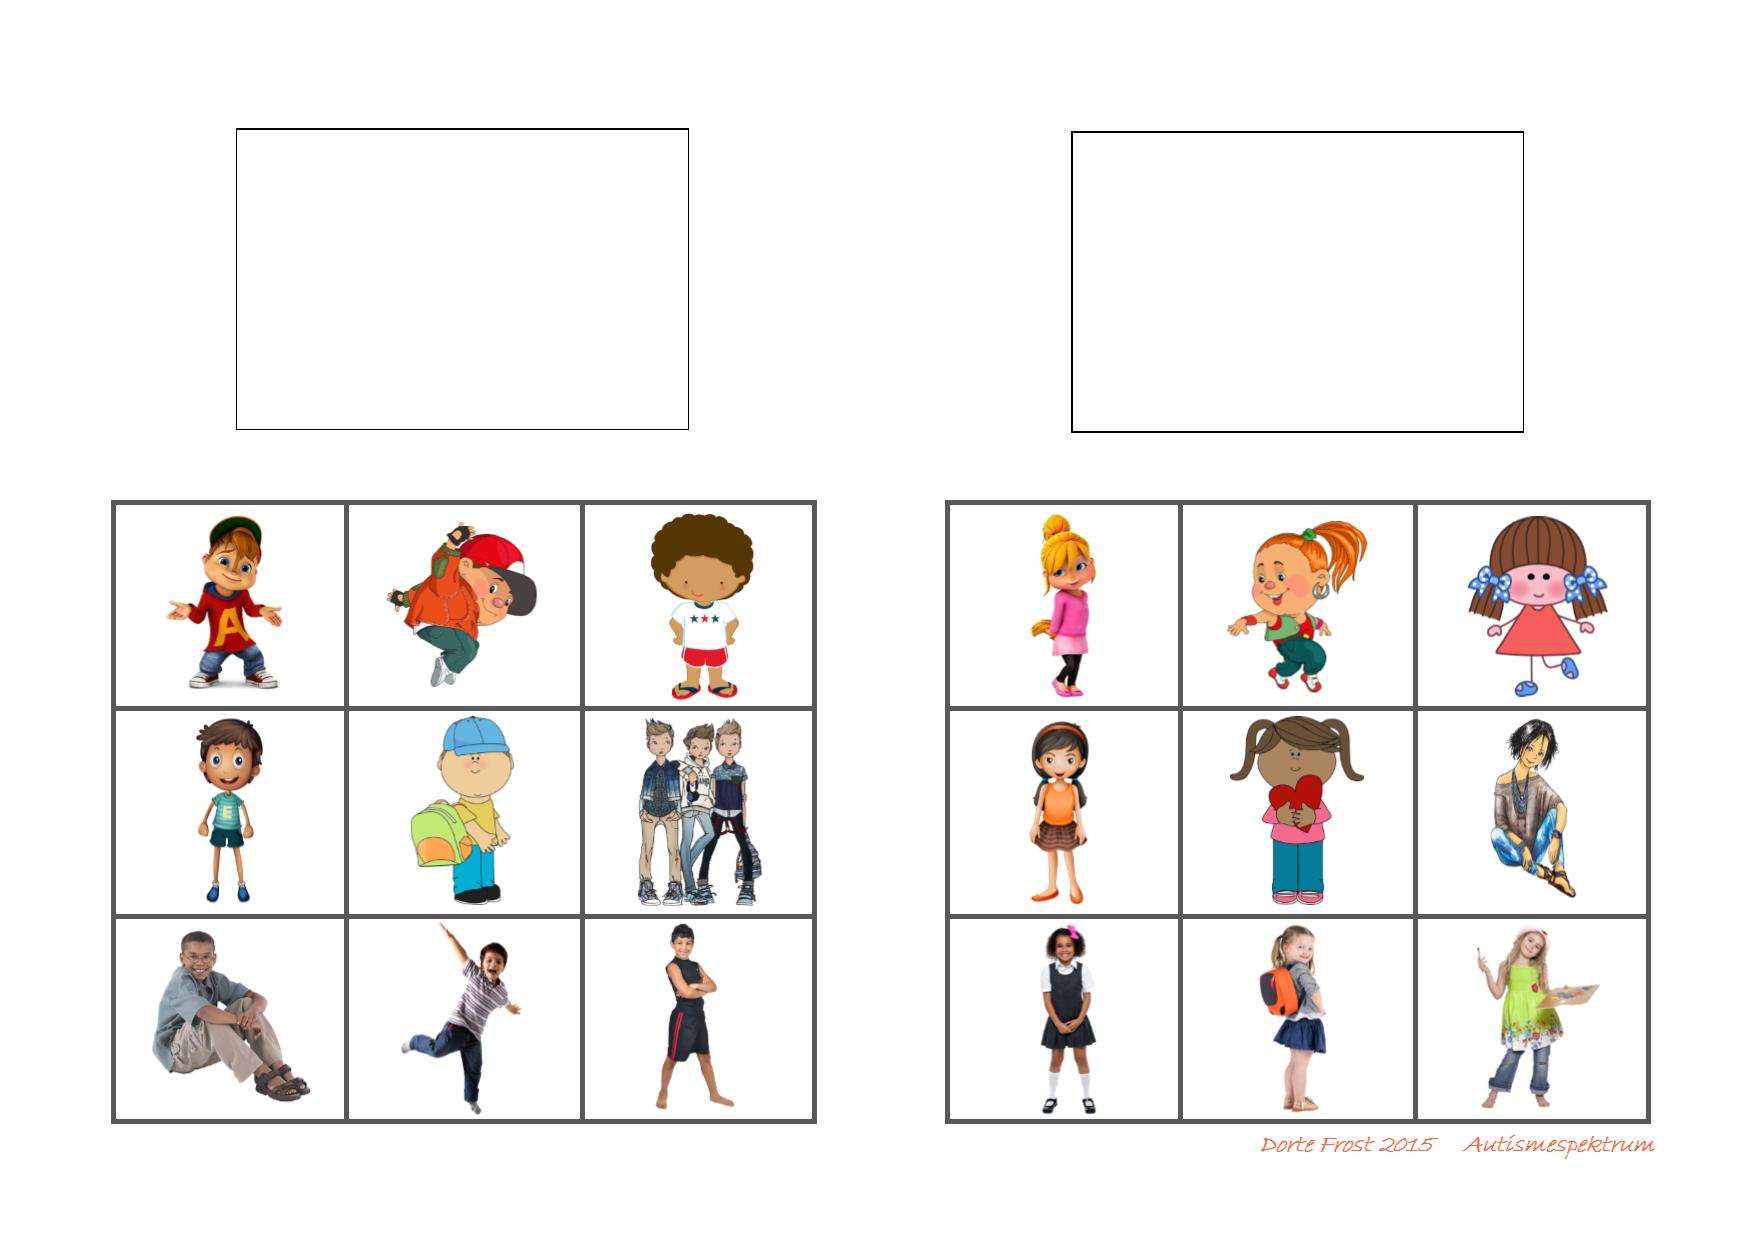 Tiles For The Boy Girl Sorting Game Find The Belonging Board On Autismespektrum Kindergarten Worksheets Kindergarten Worksheets Printable Sorting Kindergarten [ 1240 x 1754 Pixel ]